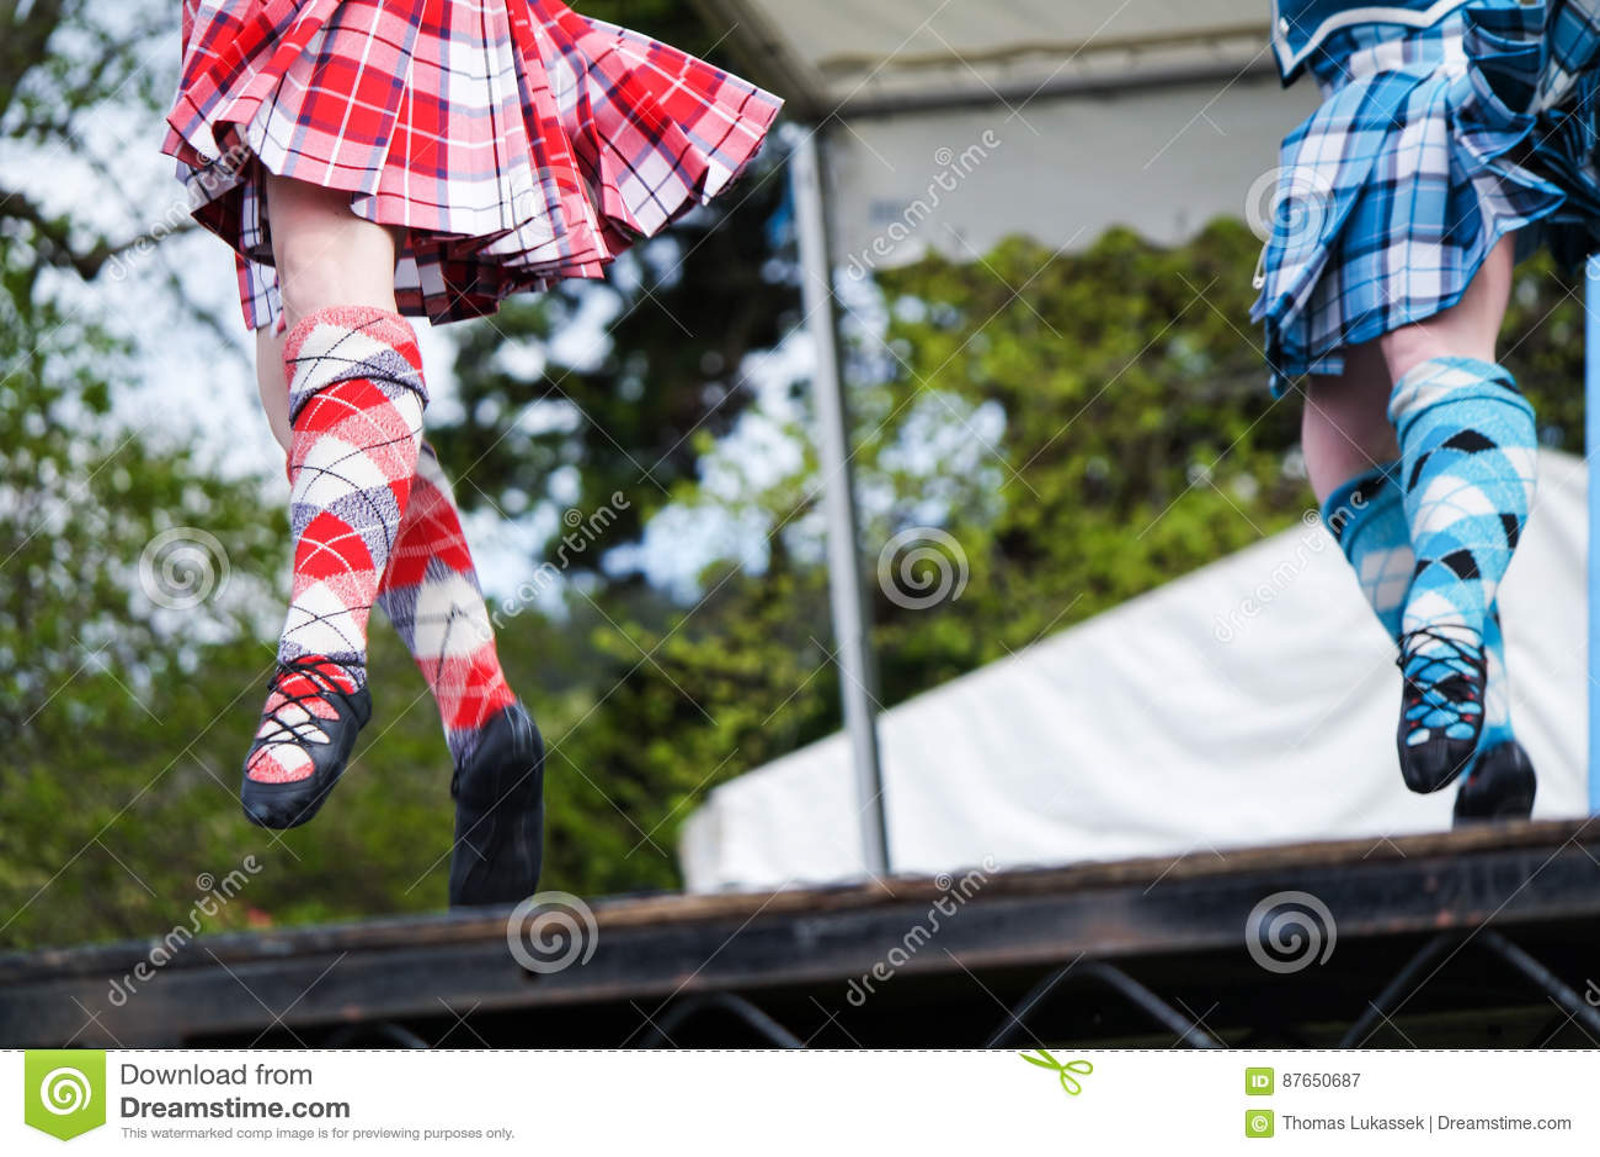 Hooglanddanser bij hooglandspelen in Schotland